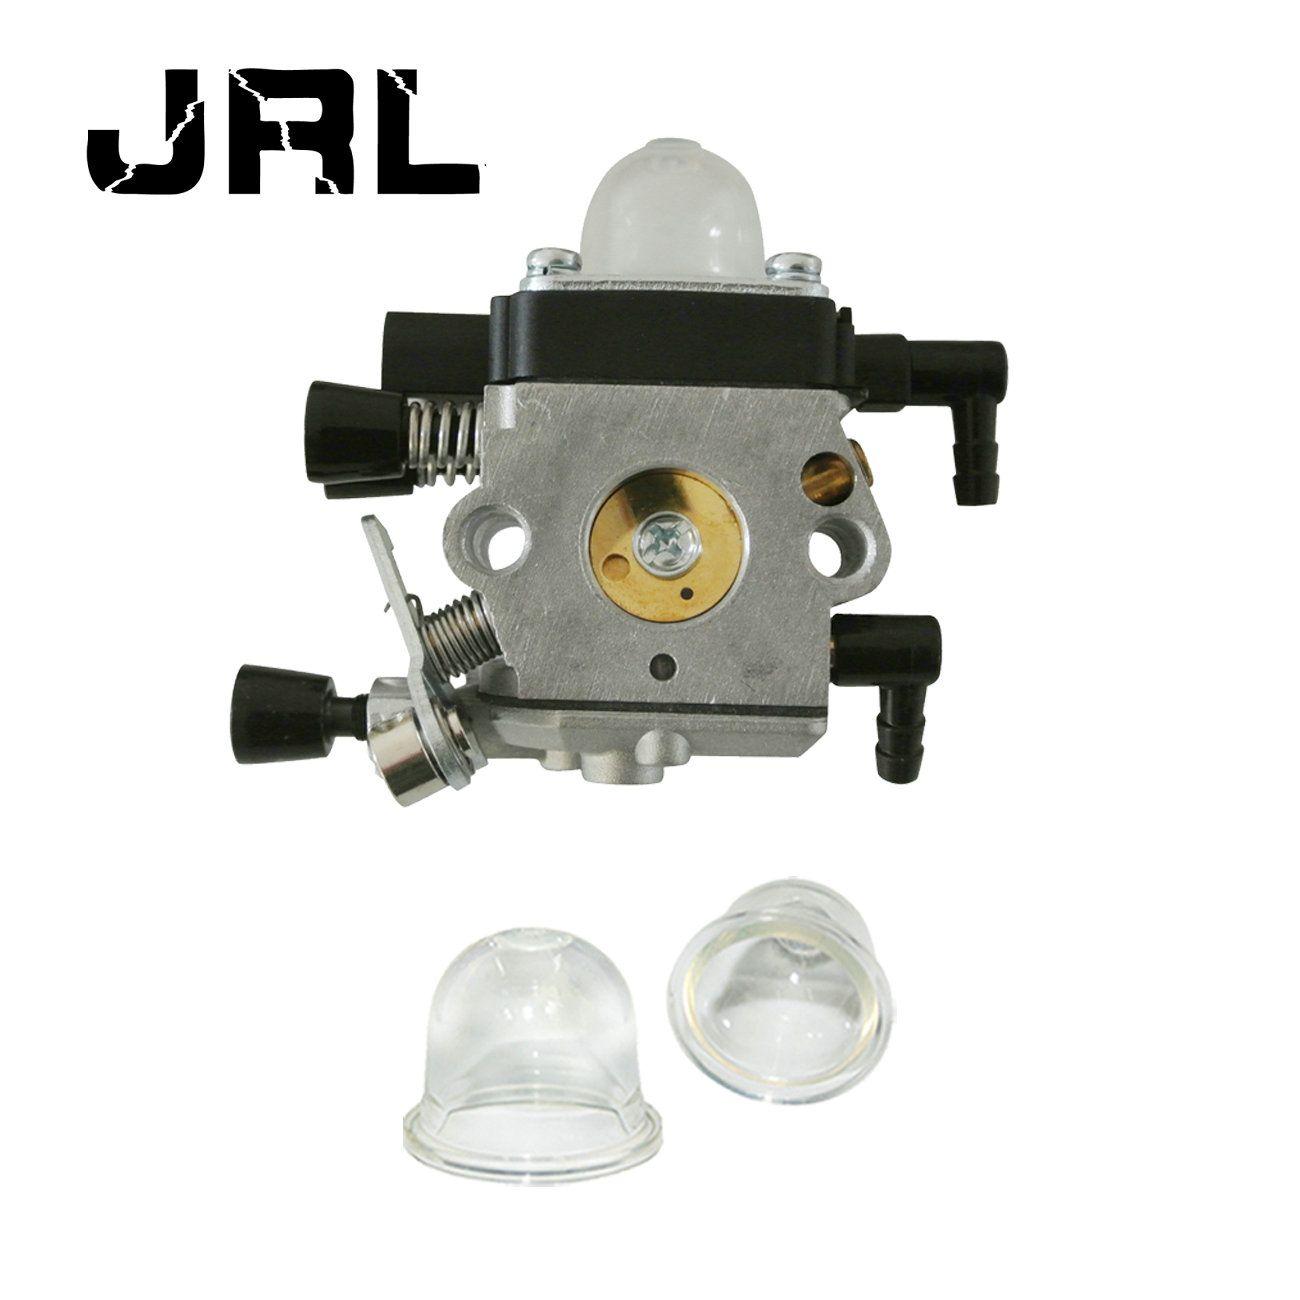 Carburetor 2 Primer Bulbs Fit Stihl Mm55 Mm55c Tiller Trimmer